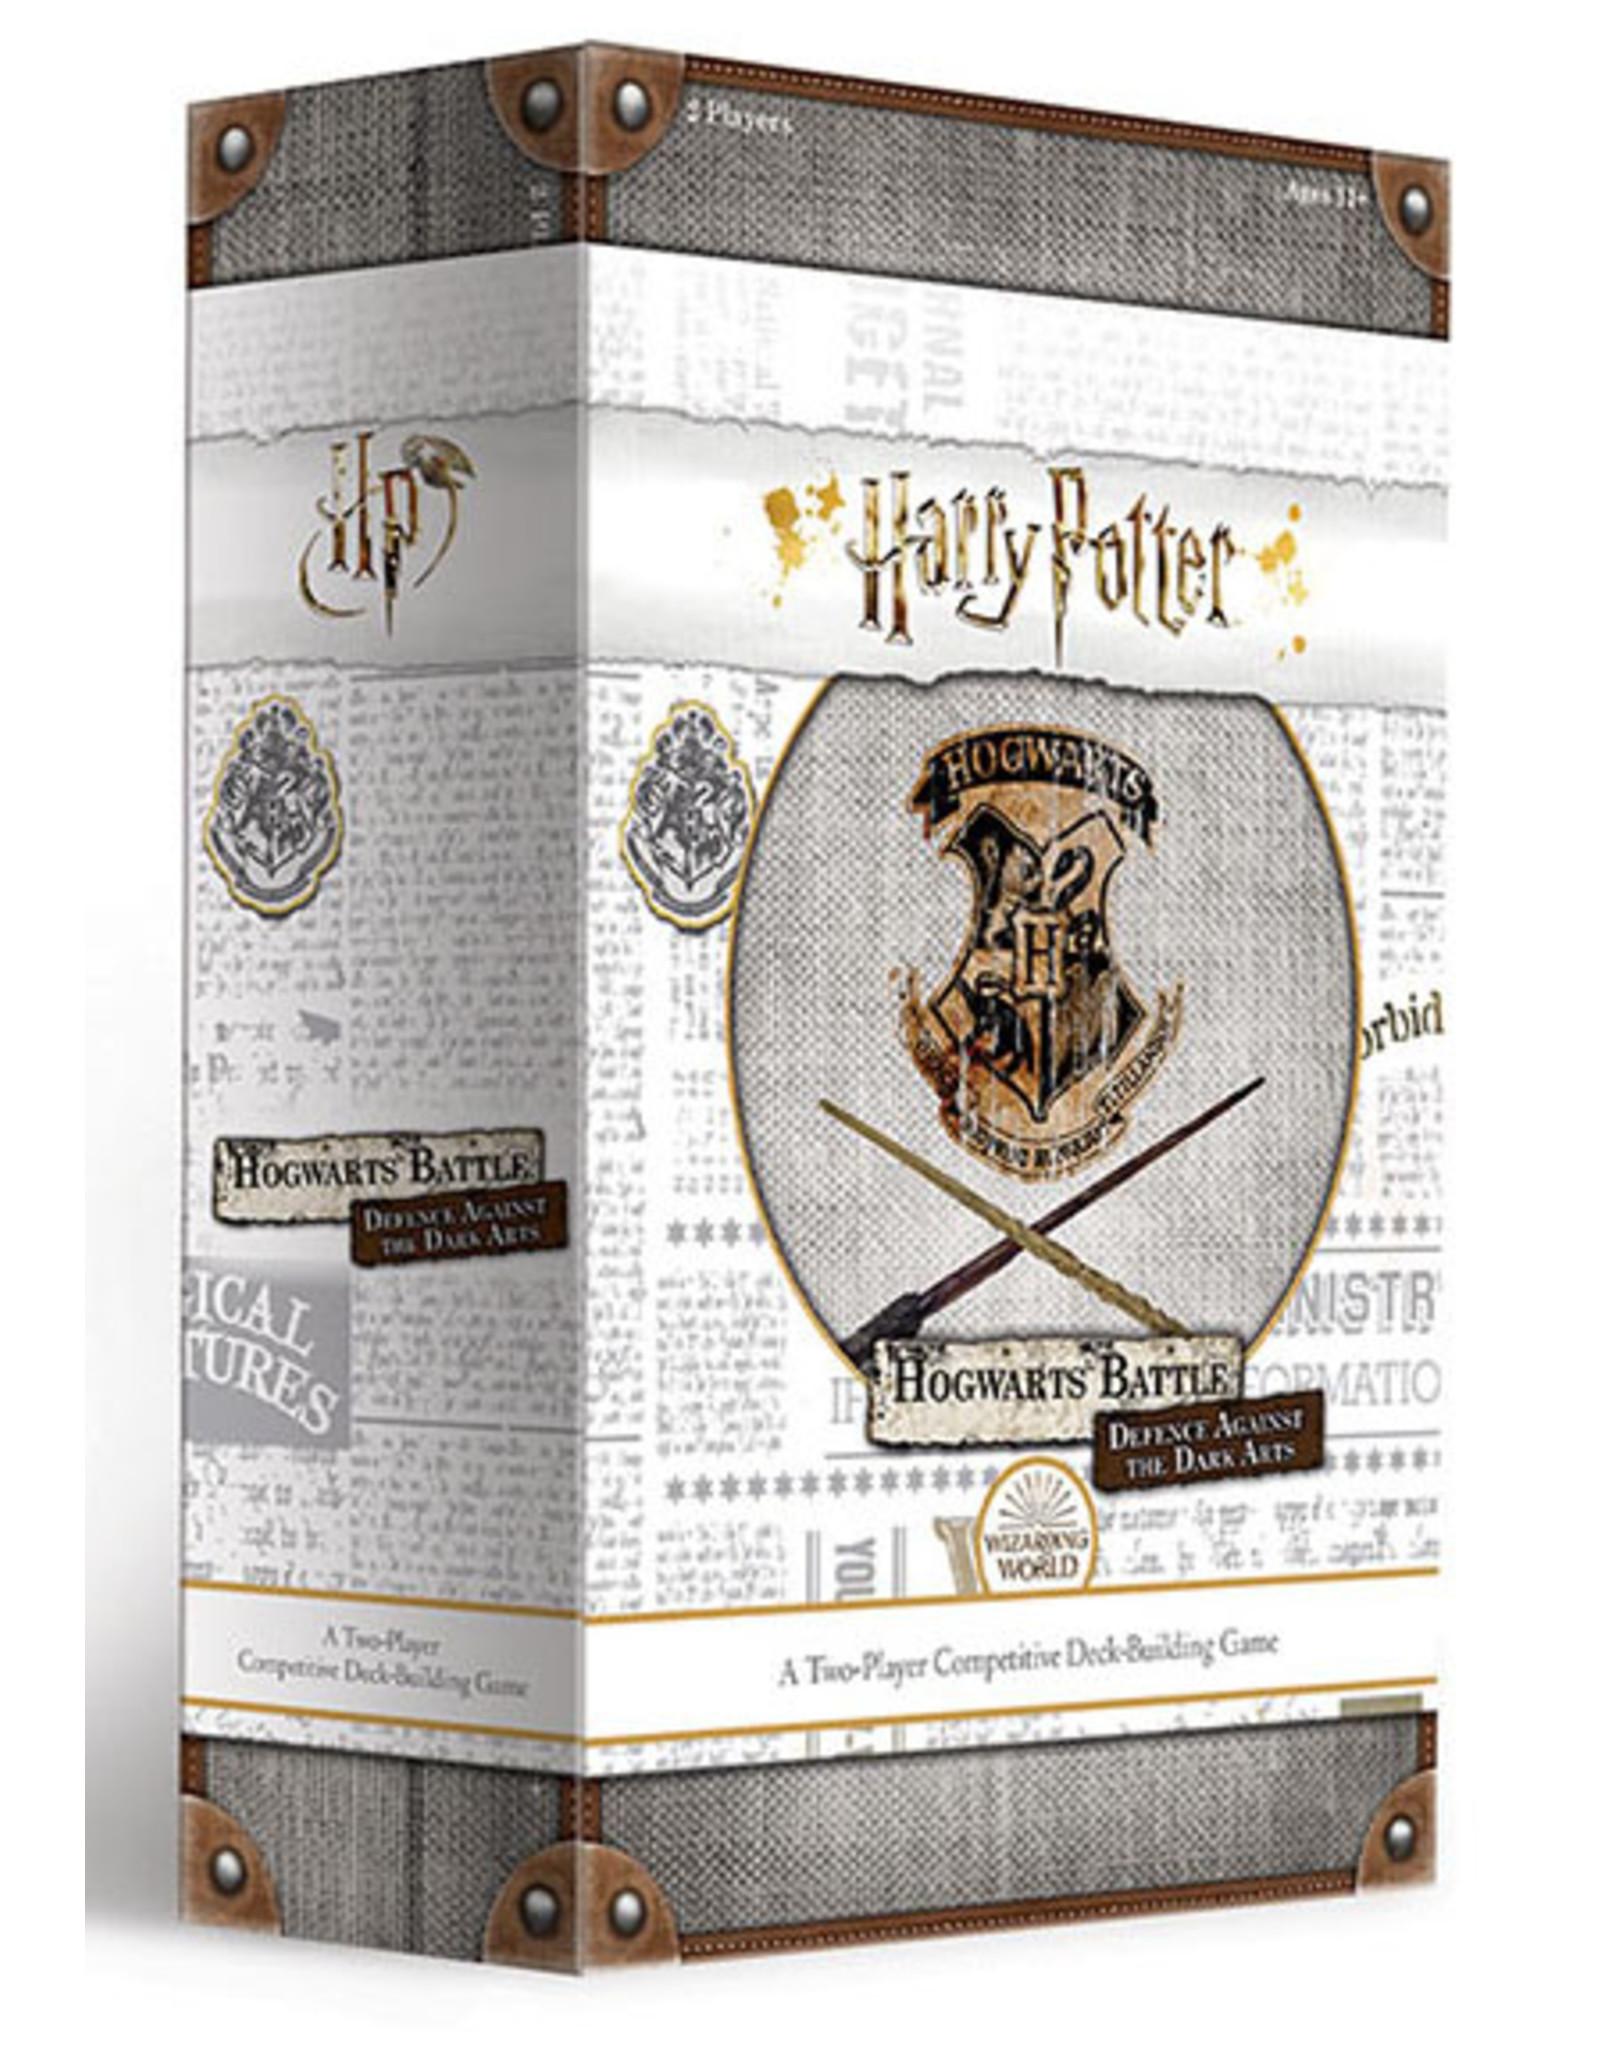 The OP Harry Potter Hogwarts Battle: Defence Against the Dark Arts